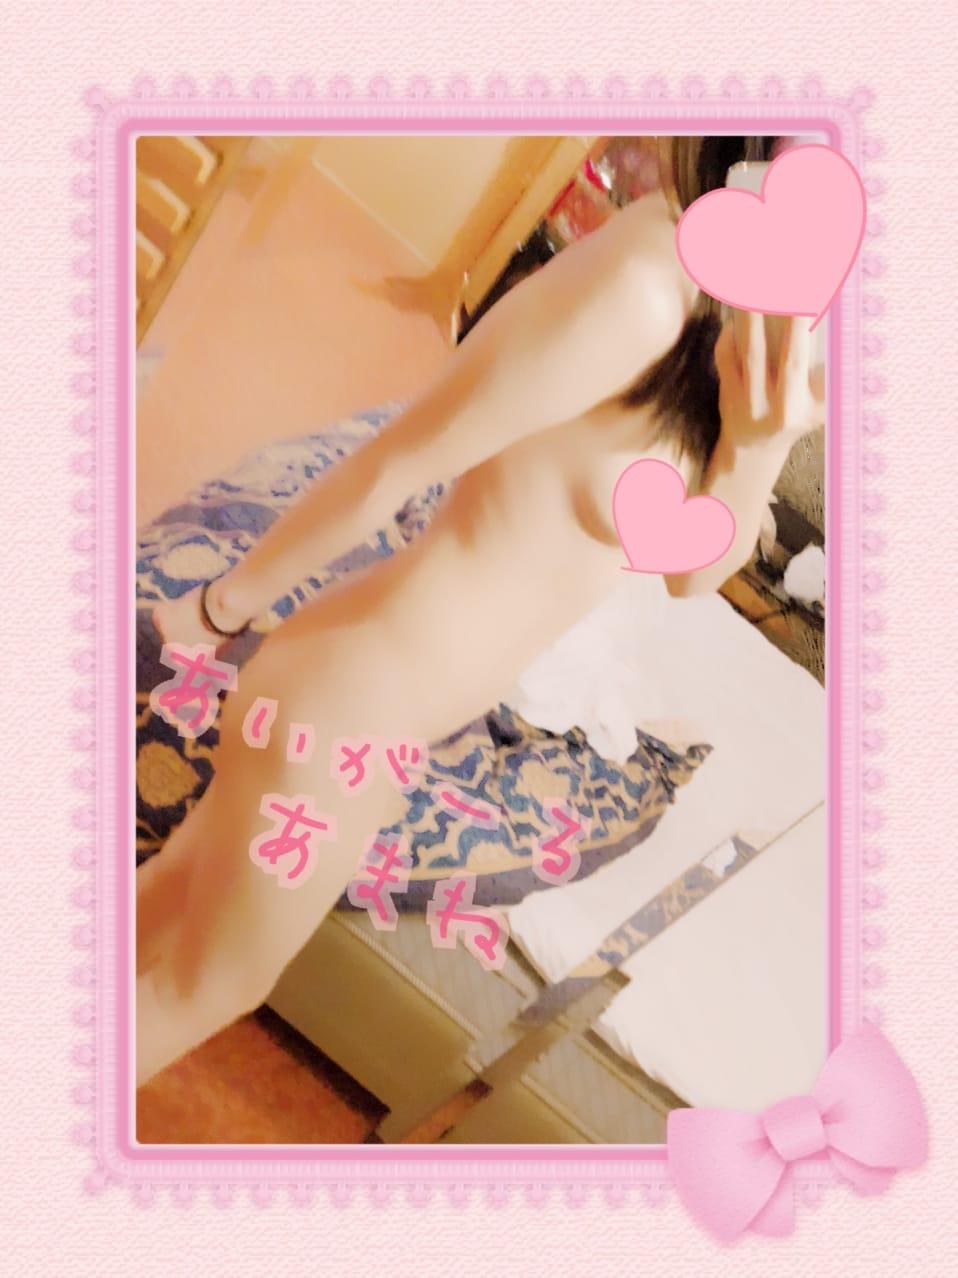 「昨日のお礼です☆」03/15(03/15) 02:18 | あまねの写メ・風俗動画